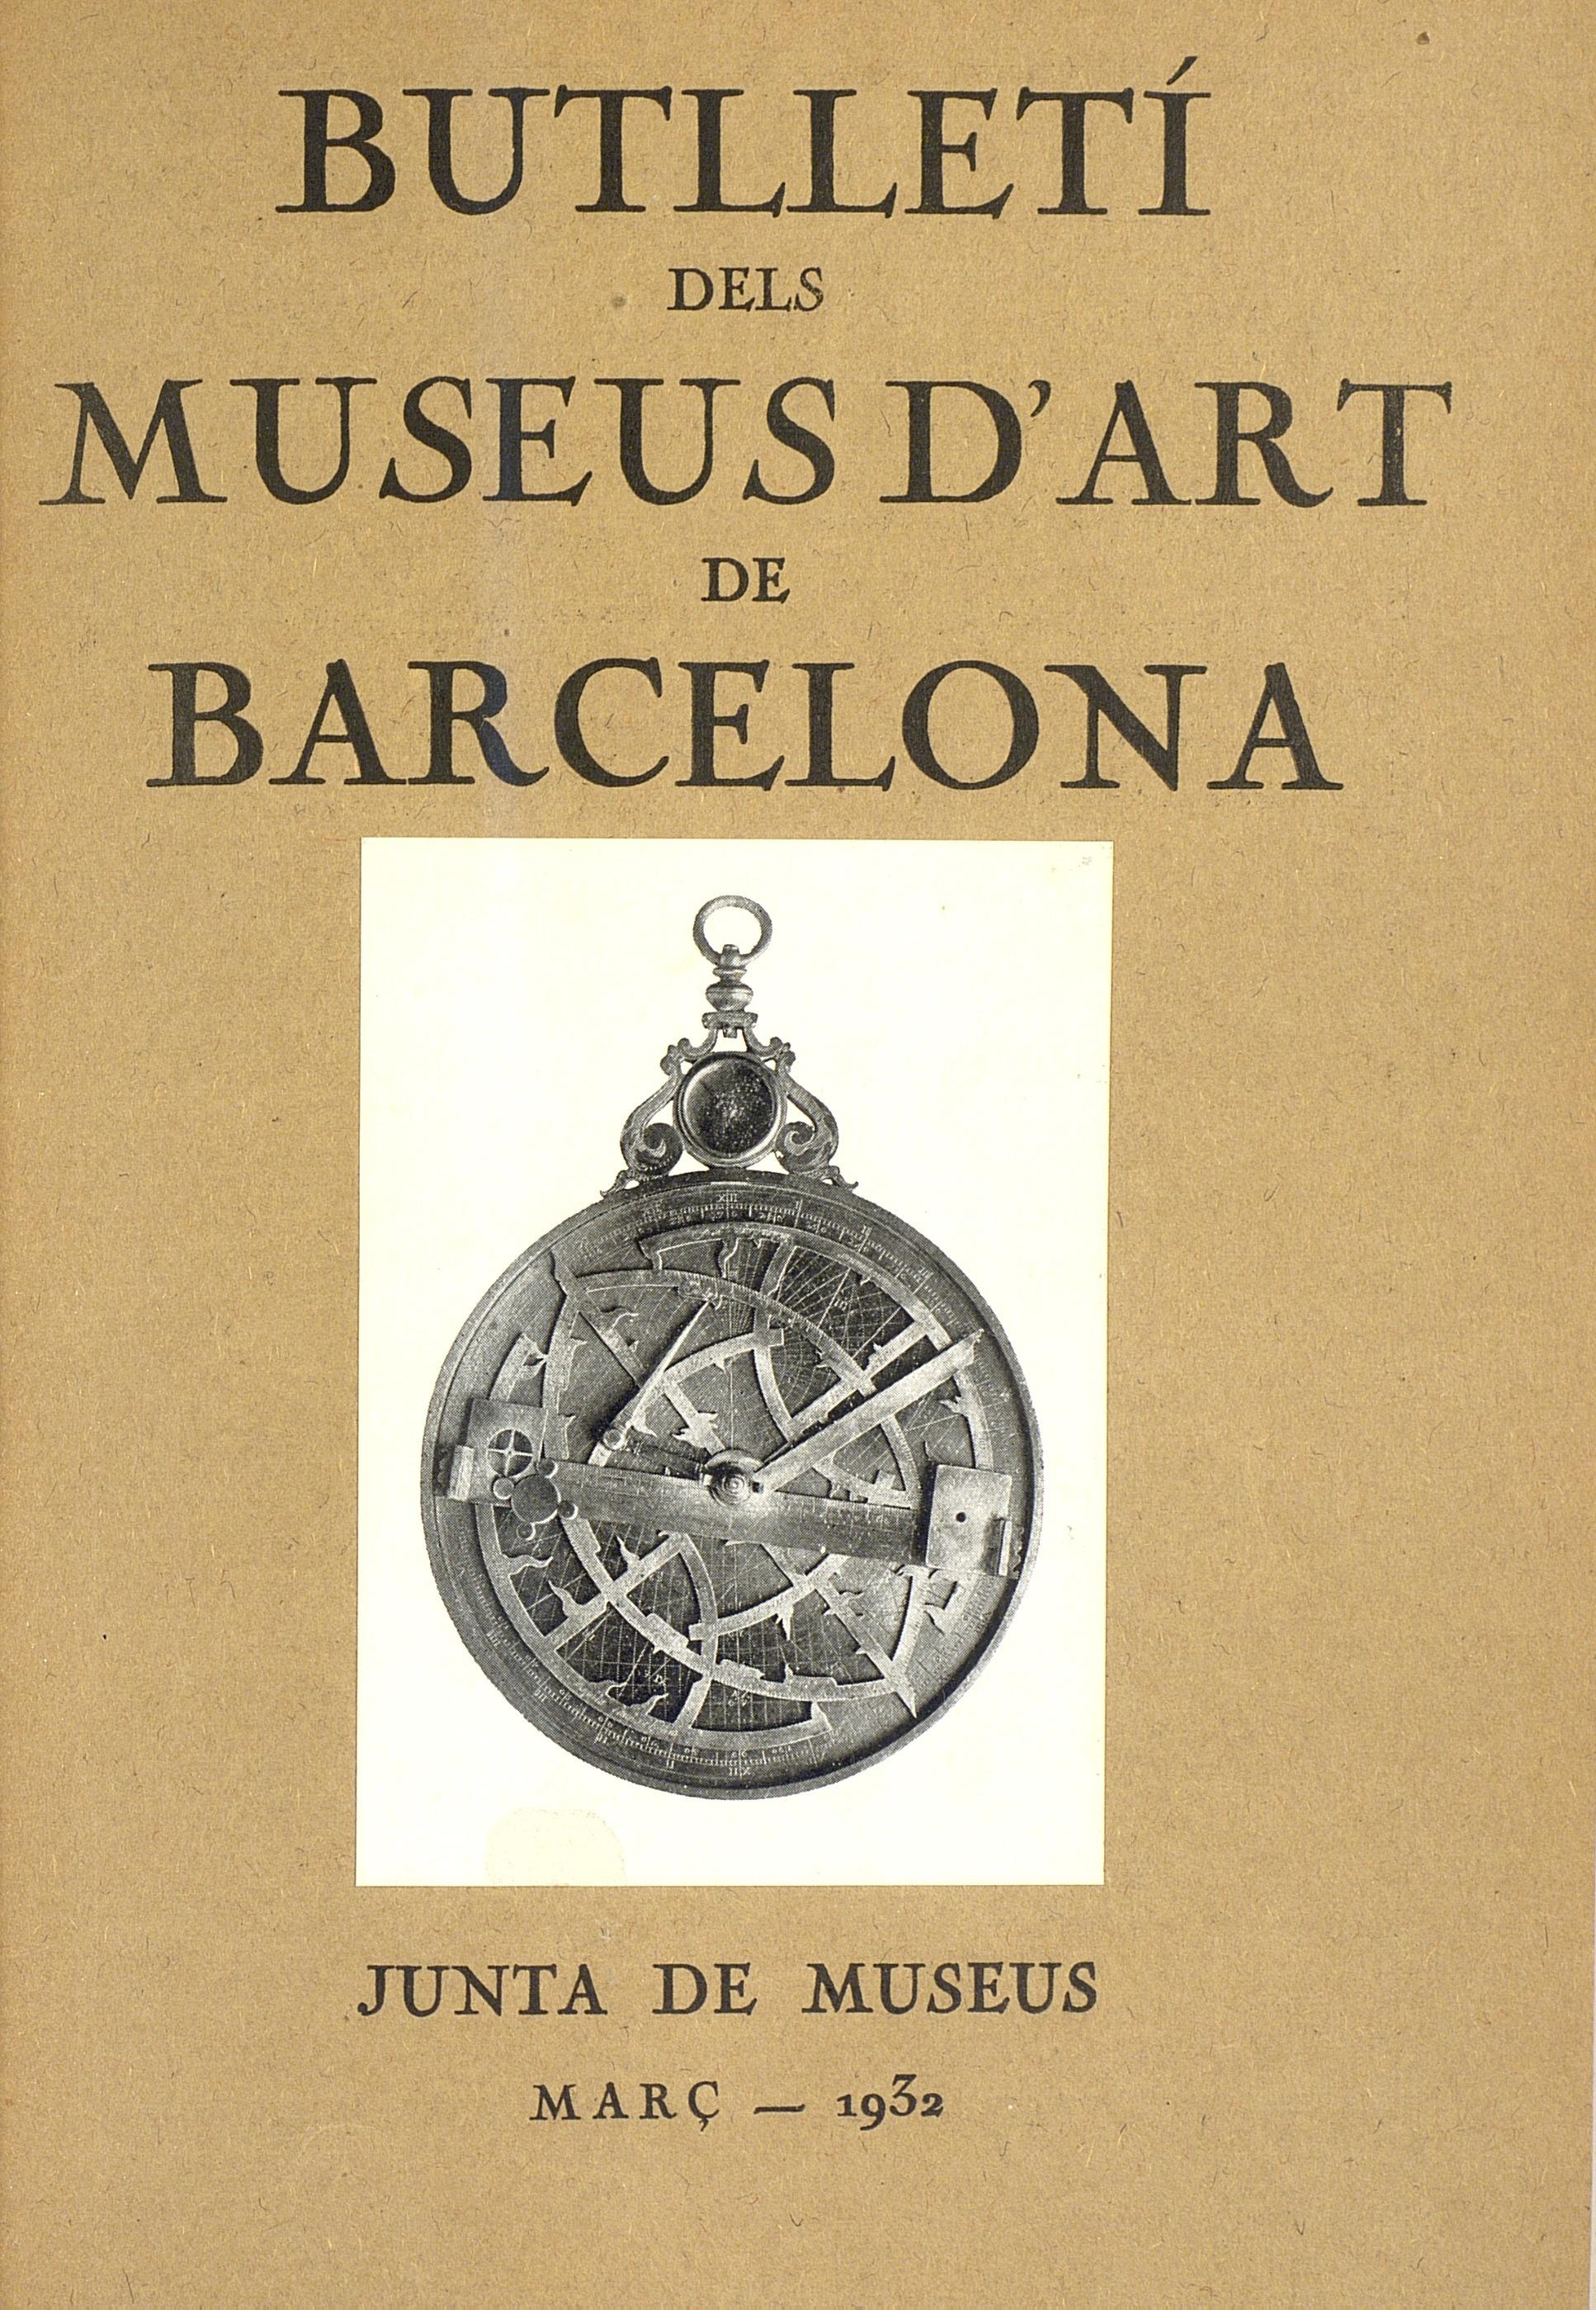 Vol. 2, núm. 10 (març 1932)